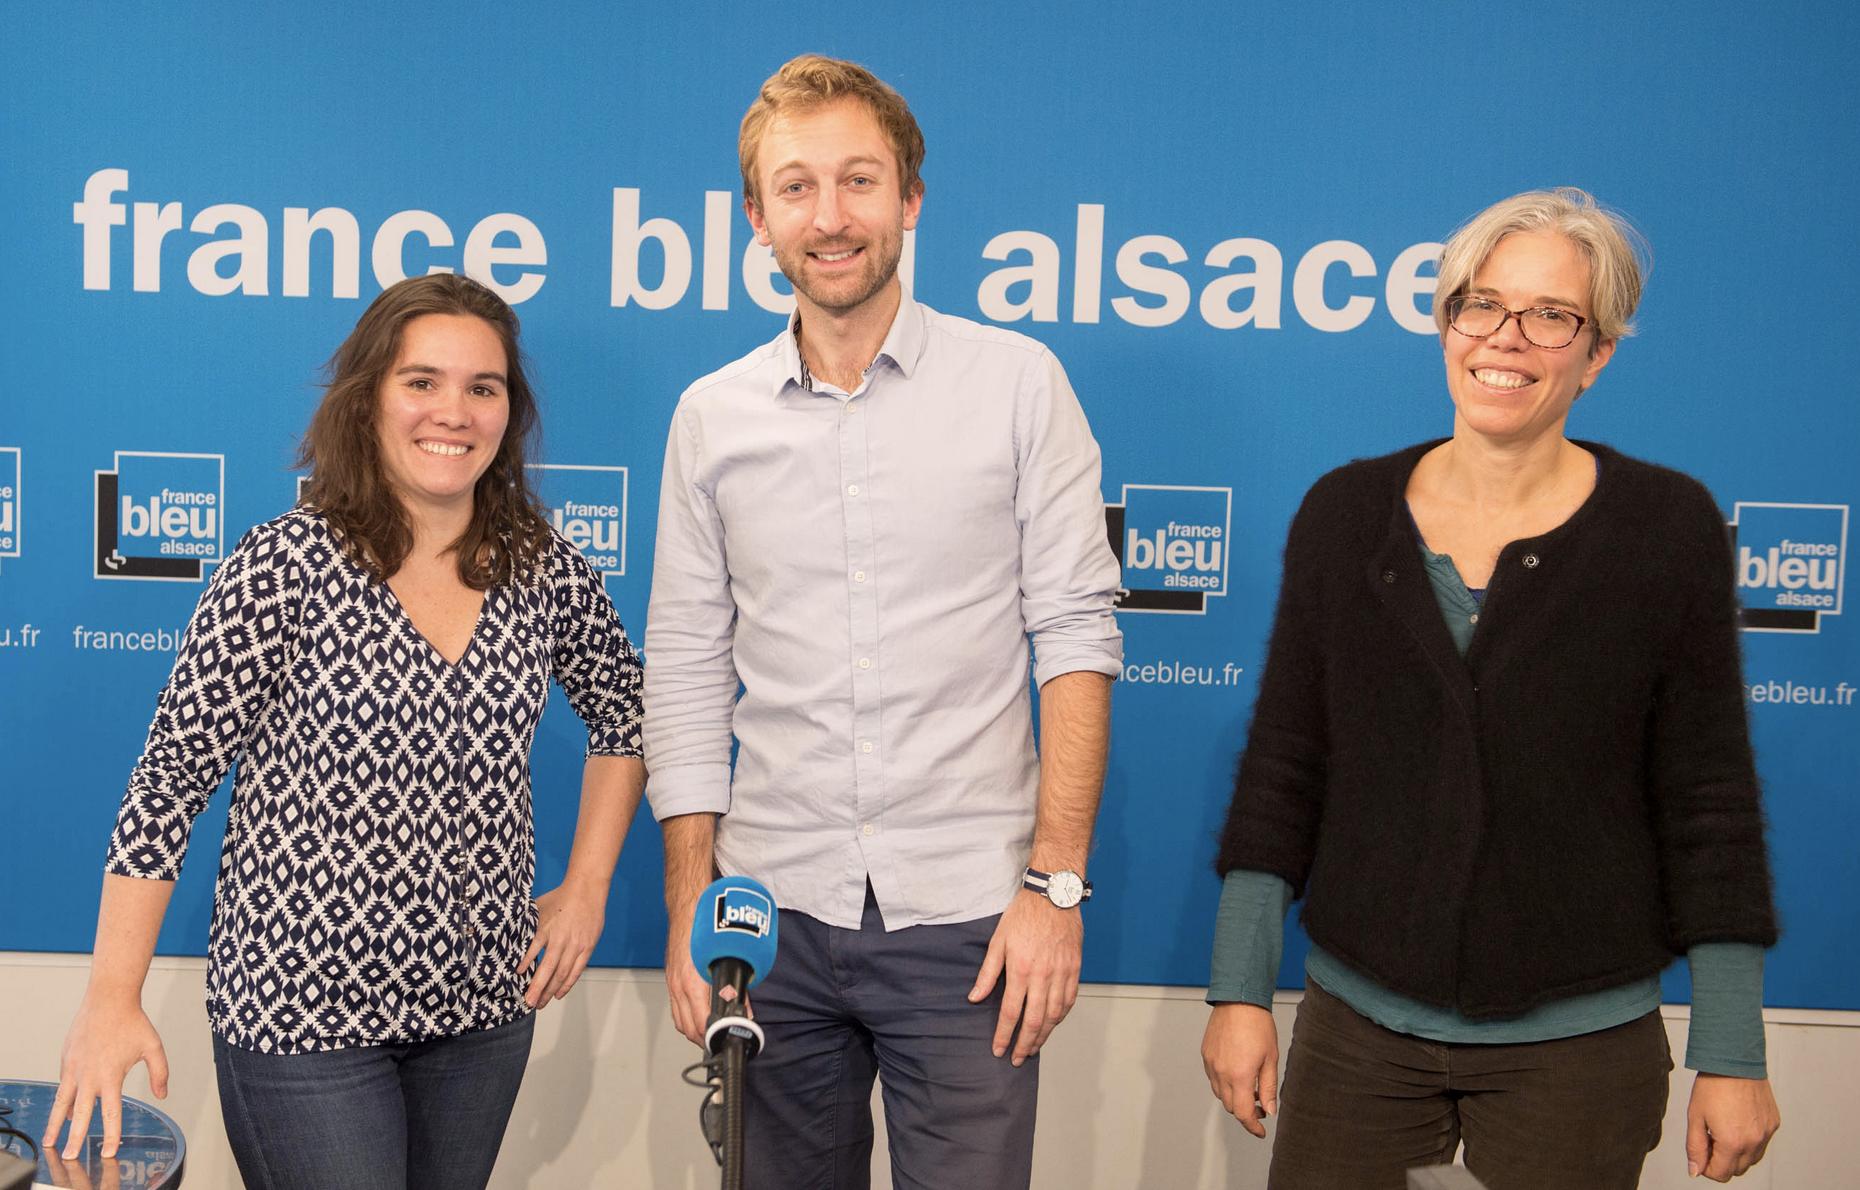 Cette nouvelle filmée sera aussi accessible en replay sur les sites de France Bleu Alsace et de France 3. Elle est animée par Aude Raso (journaliste), Aurélie Locquet (journaliste) et Hubert Desmarest (animateur) © France Bleu Alsace